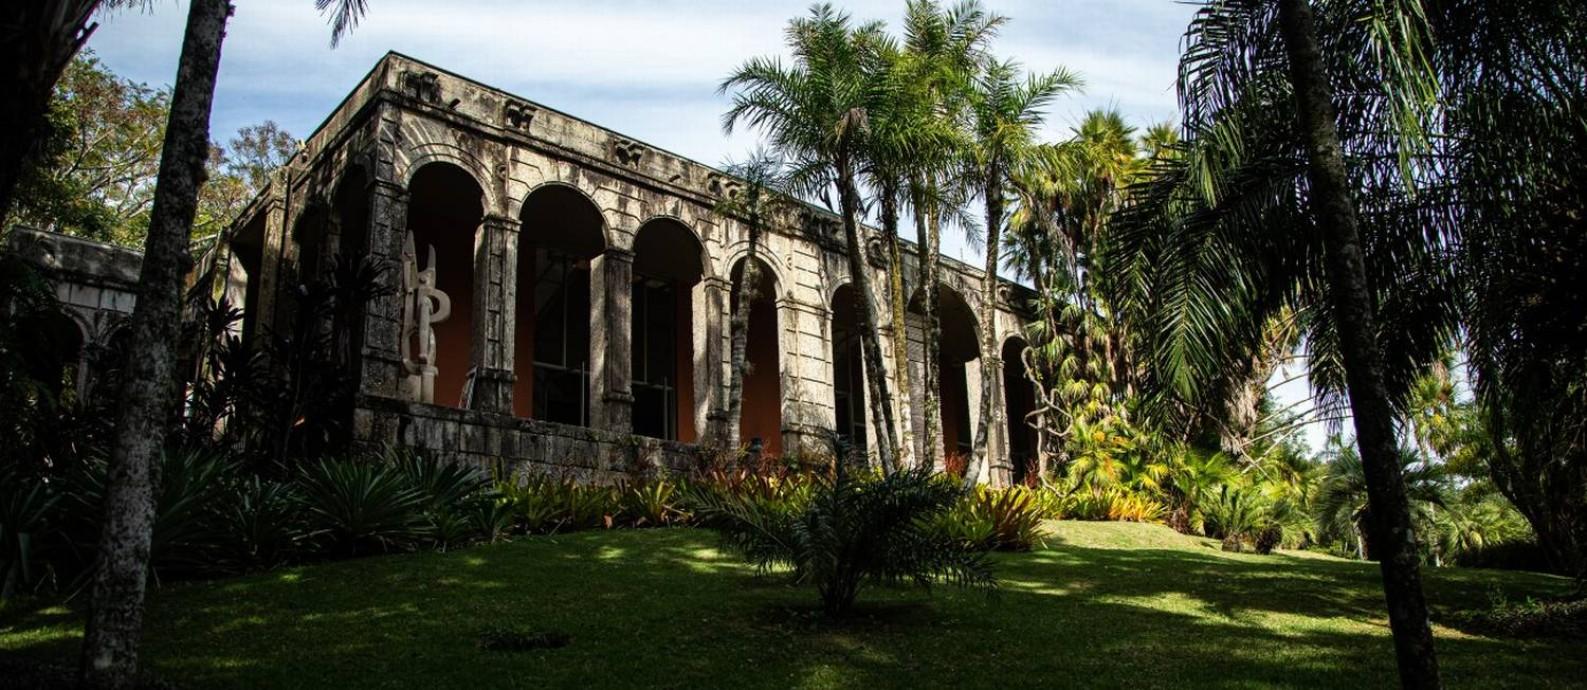 Casa onde o paisagista Roberto Burle Marx viveu de 1973 a 1985, quando sítio foi doado ao Iphan Foto: Hermes de Paula / Agência O Globo